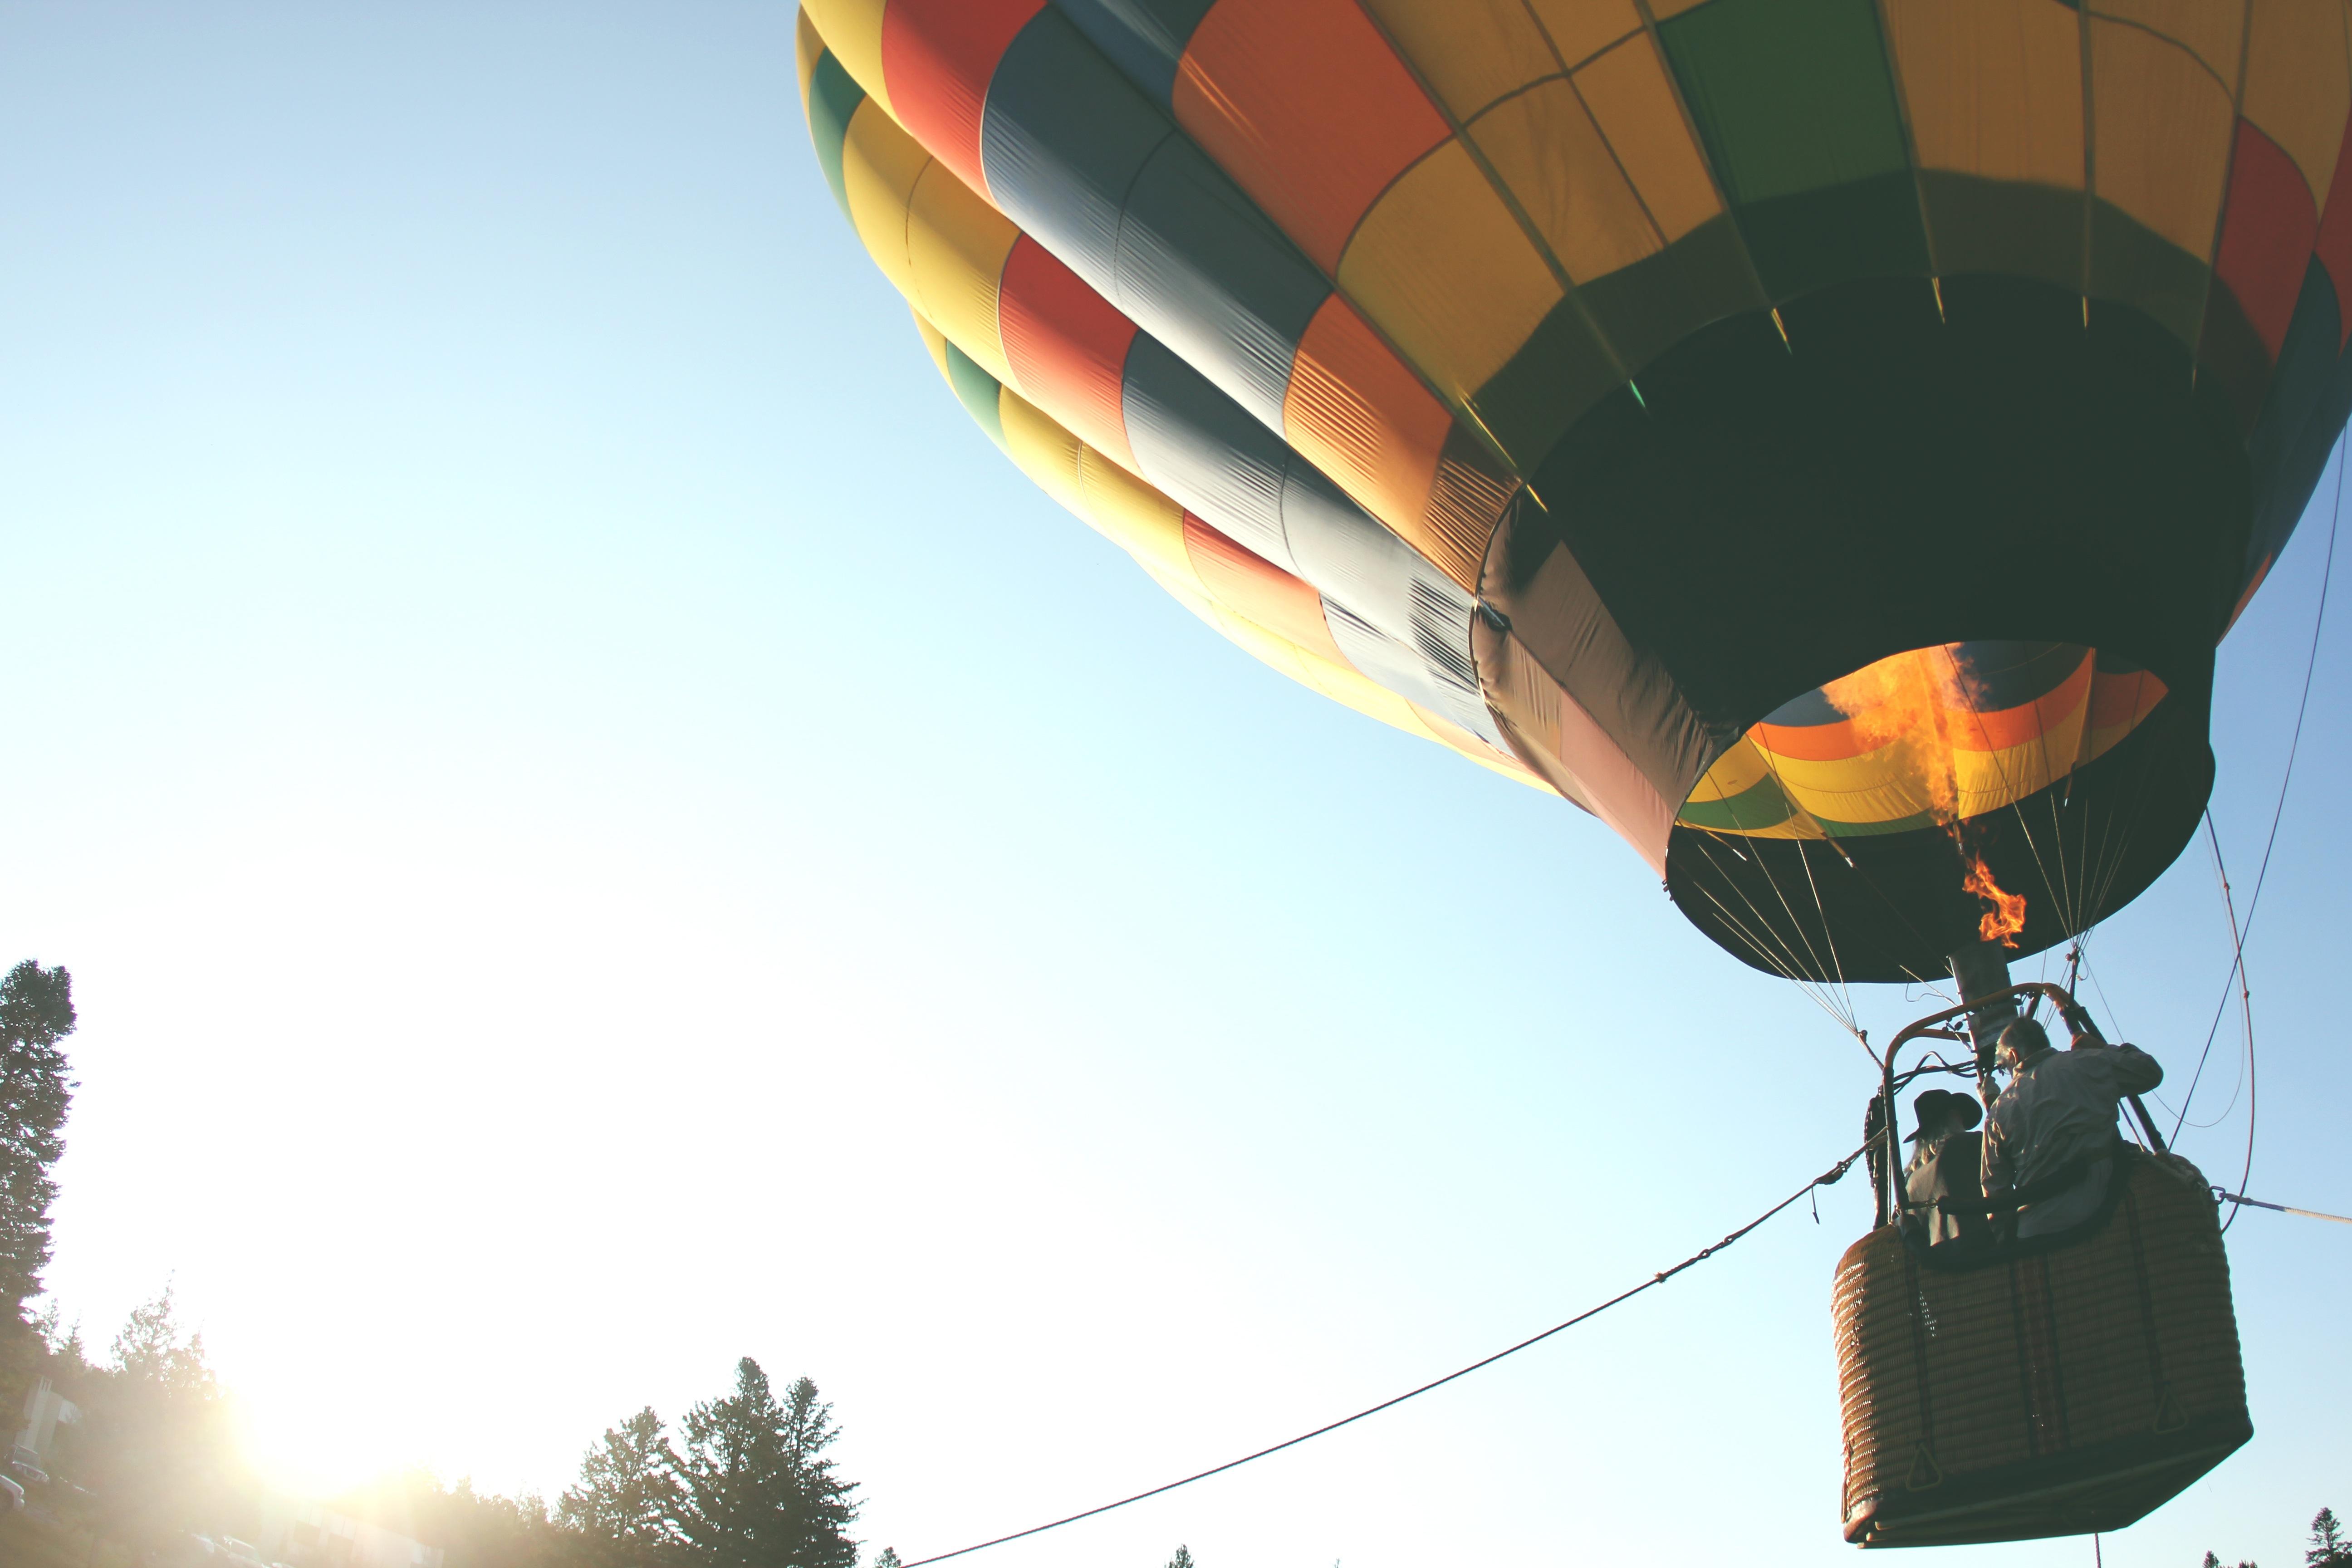 Austin-Ban-Hot-air-balloon.jpg